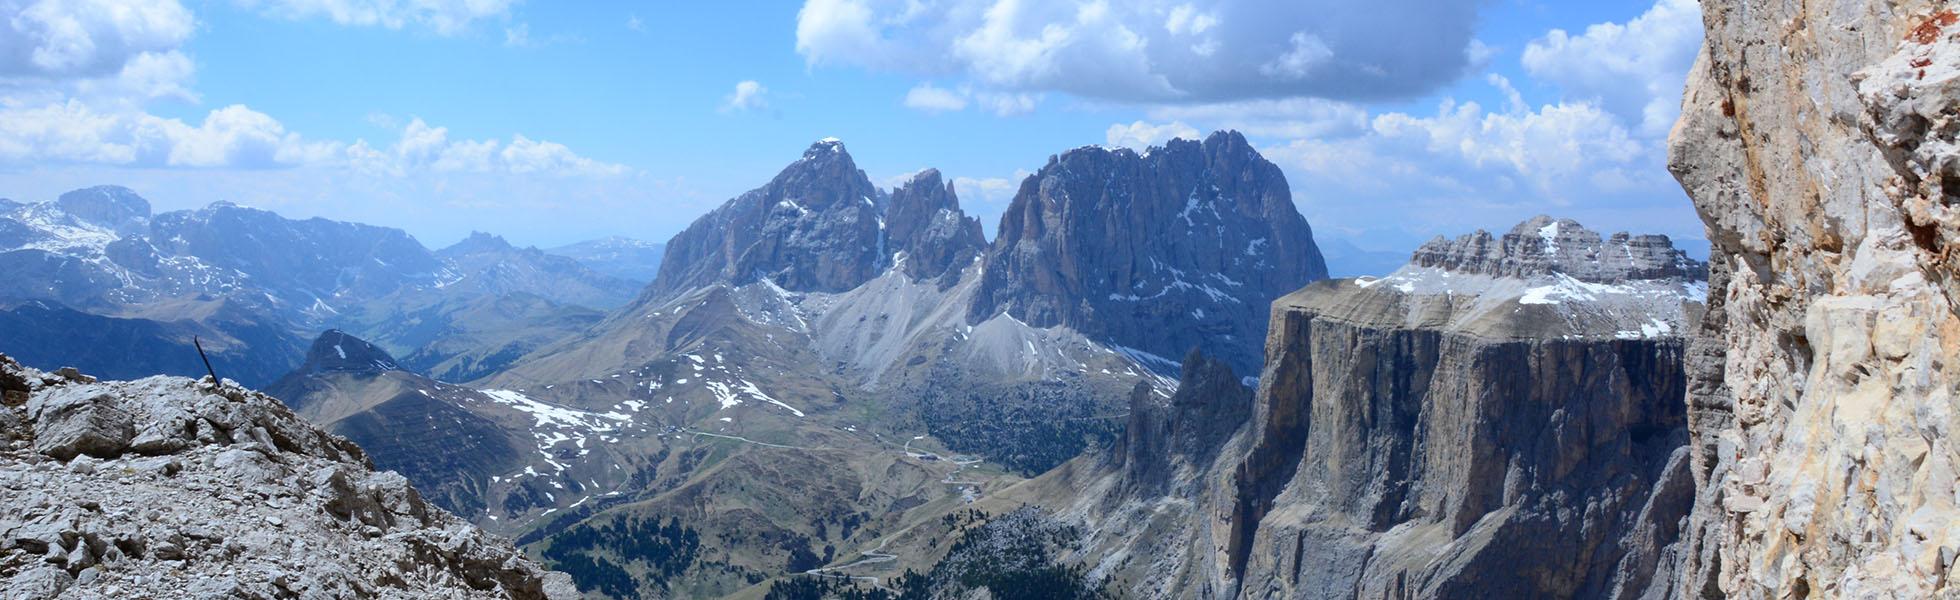 Scuola di alpinismo CAI Bolzano